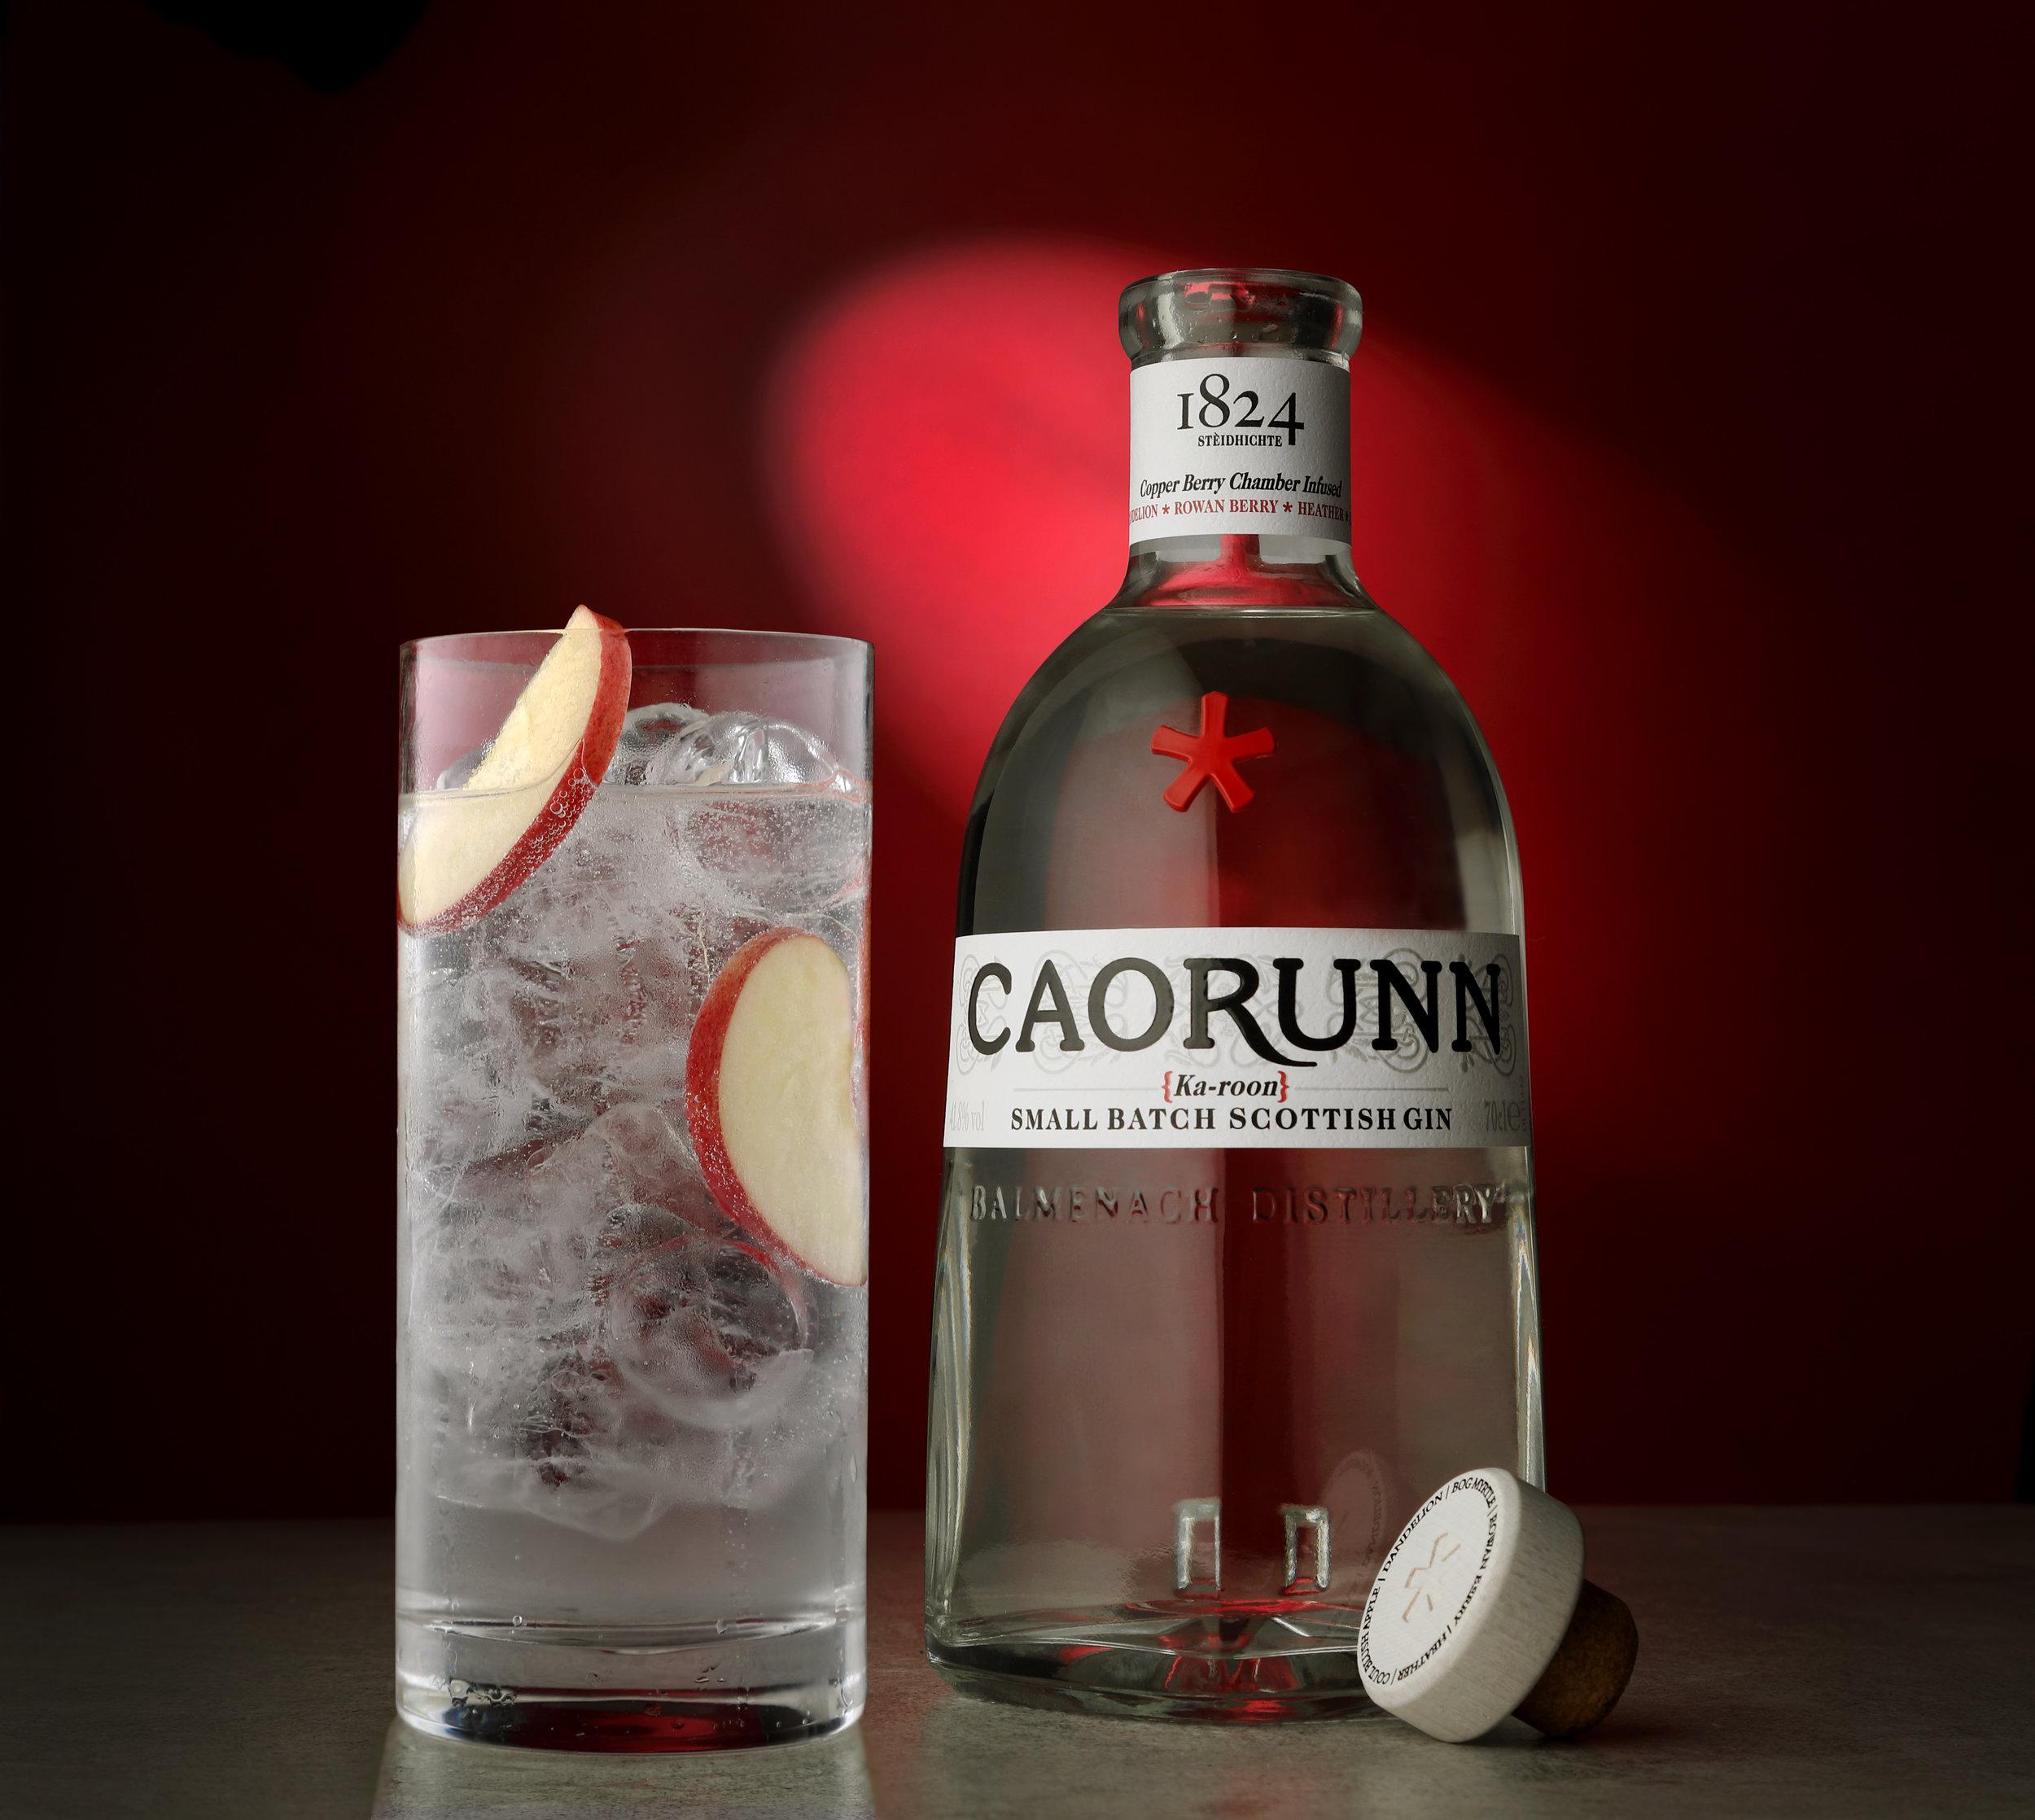 Caorunn bottle and glass 2.jpg